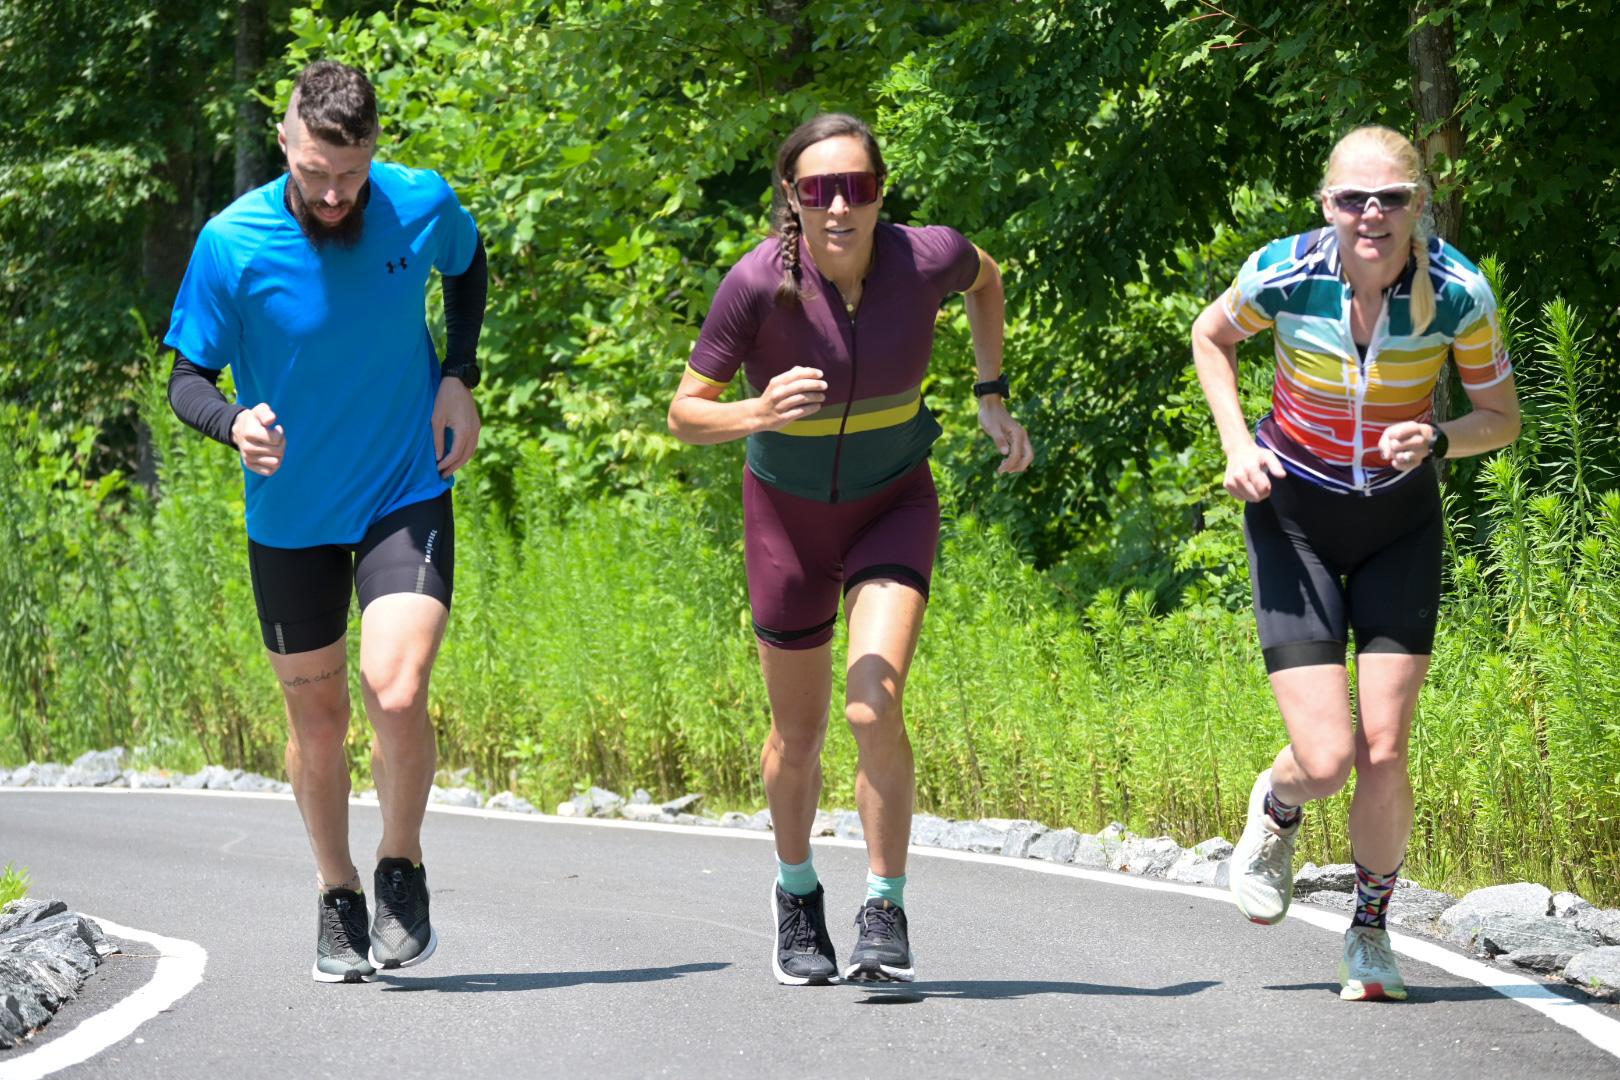 Raphael e mais duas atletas subindo correndo uma elevação.